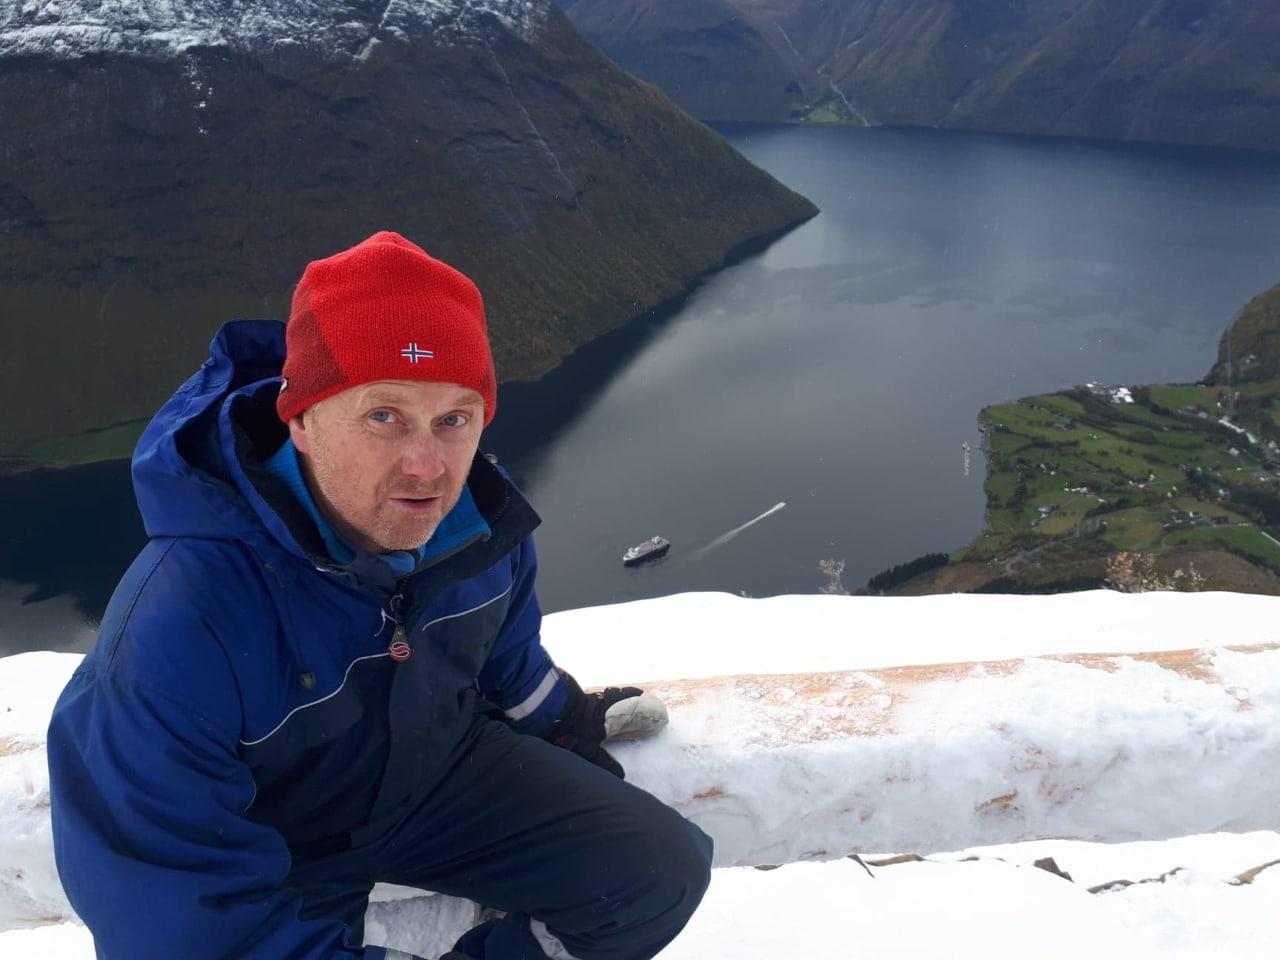 OMKOM I SKRED: Egil Åmbakk (51) fra Ørsta døde i skredulykken på Sunnmøre lørdag. Foto fra facebooksiden Saksa Turistforening.